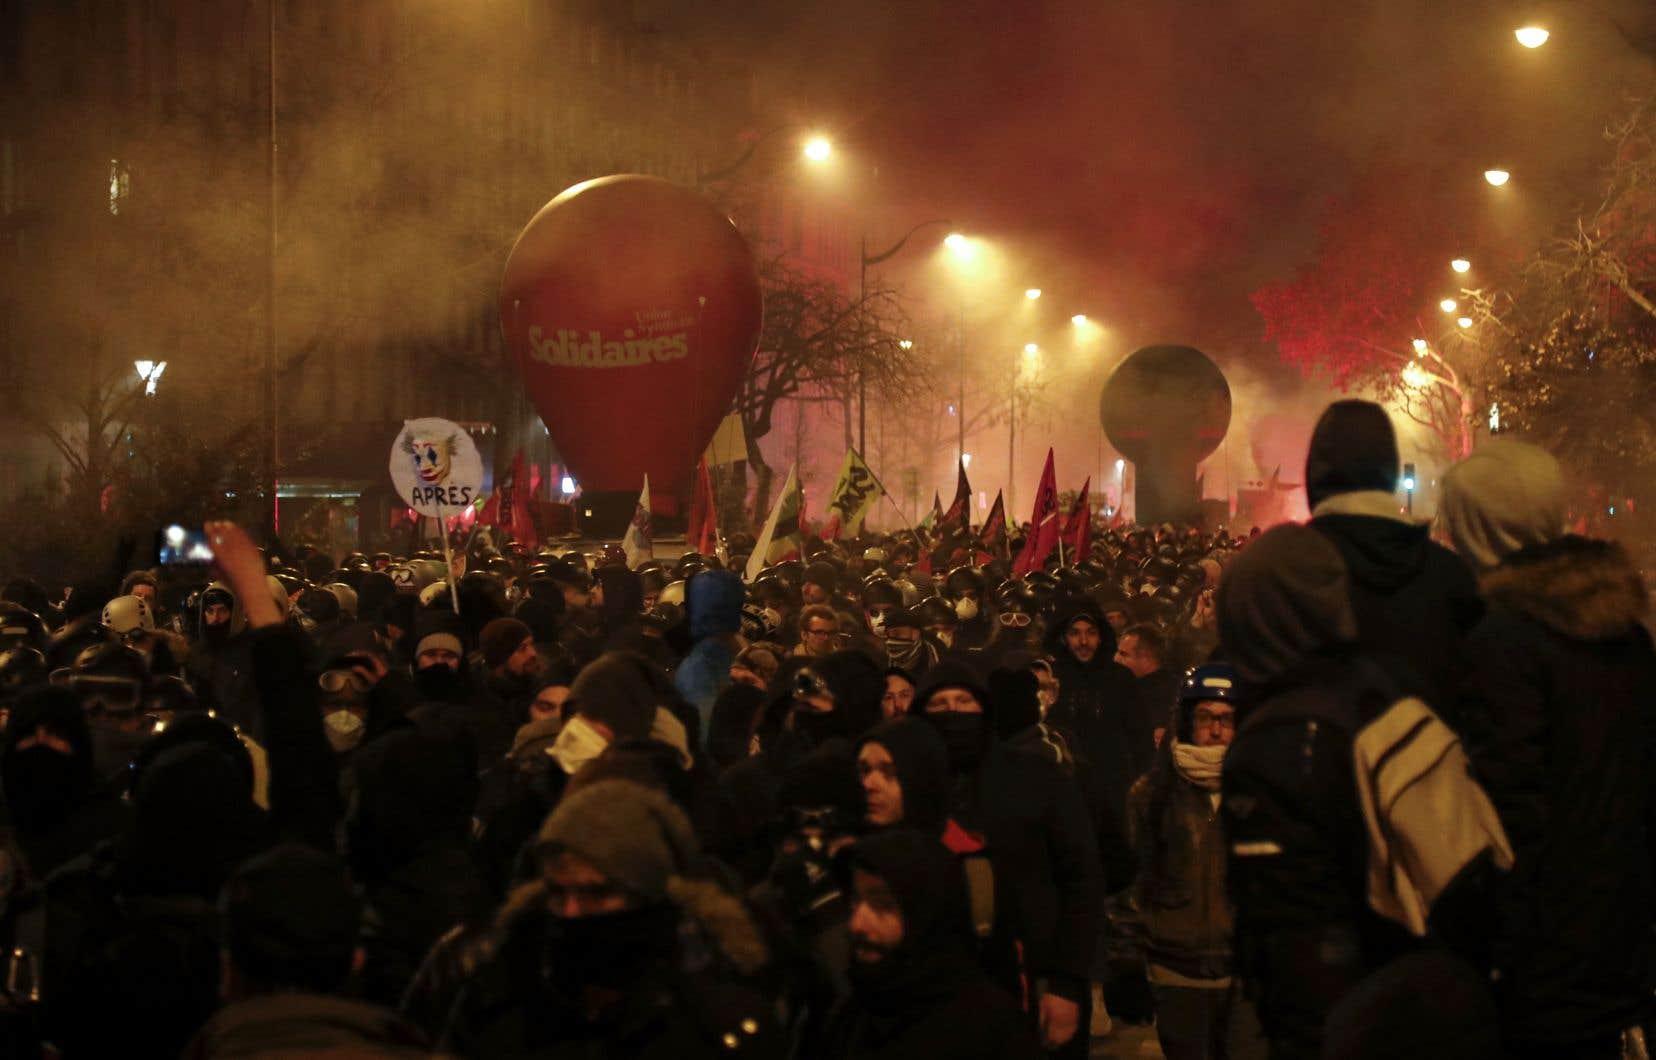 Le projet de réforme des retraites d'Emmanuel Macron a déjà fait descendre des centaines de milliers de personnes dans les rues.